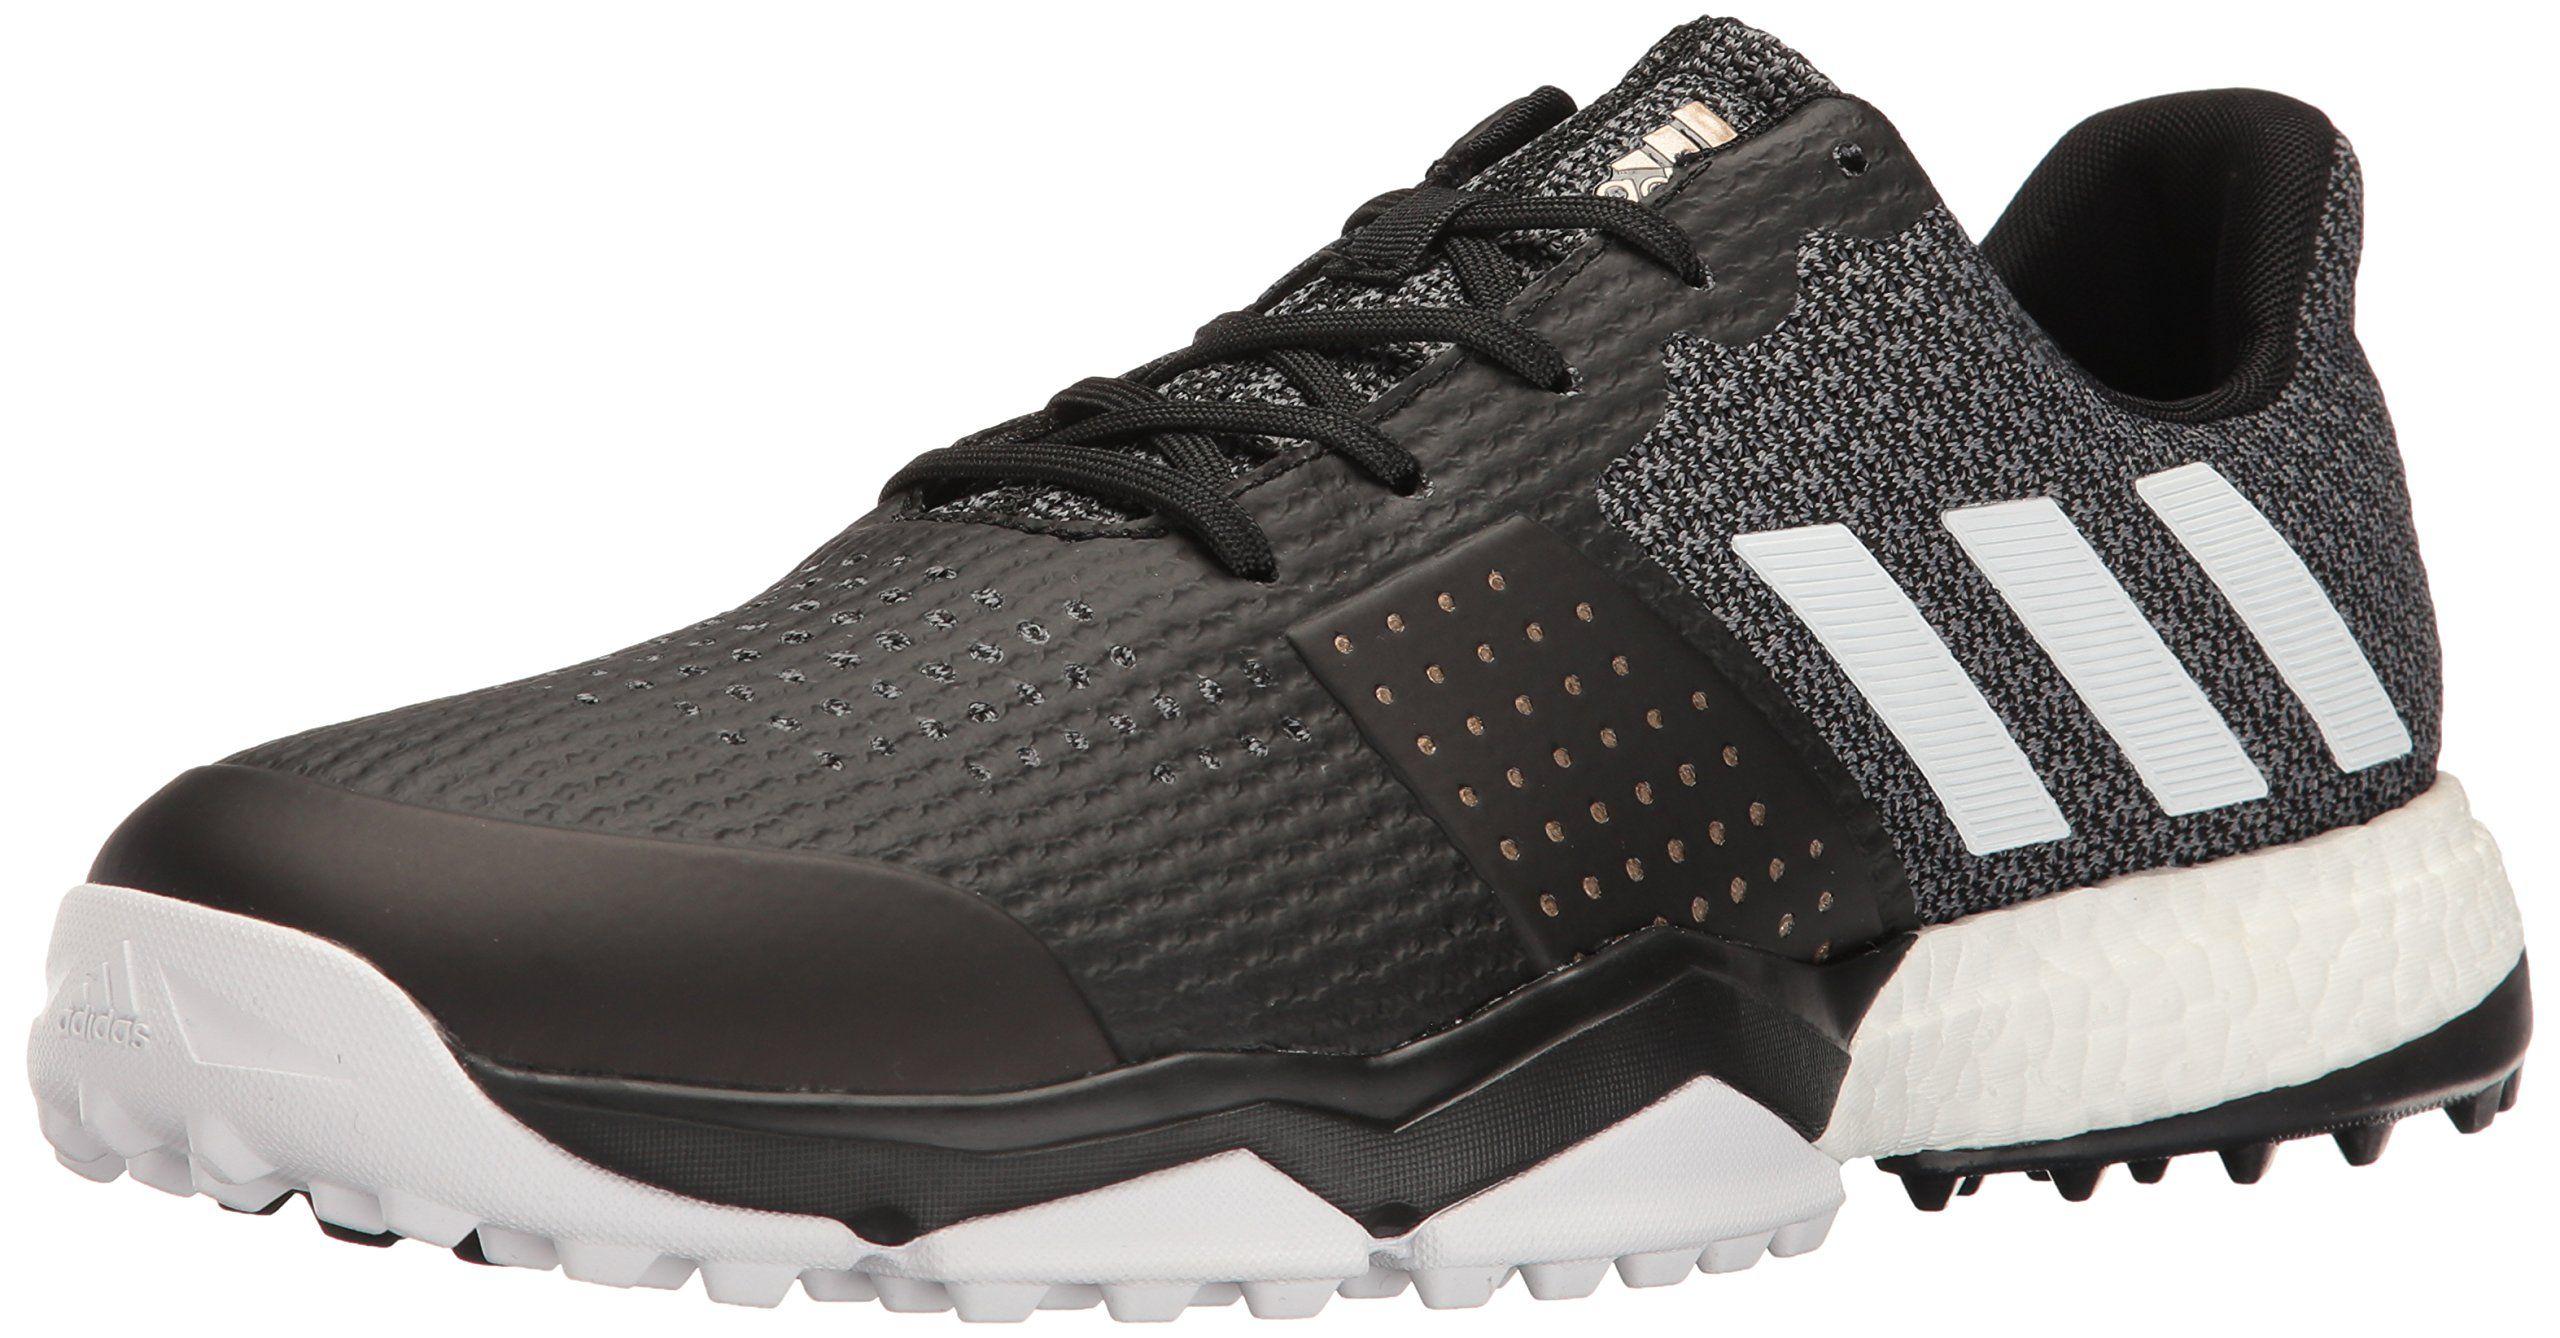 adidas uomini adipower l 'impulso 3 cblack scarpa da golf, nero, m. noi